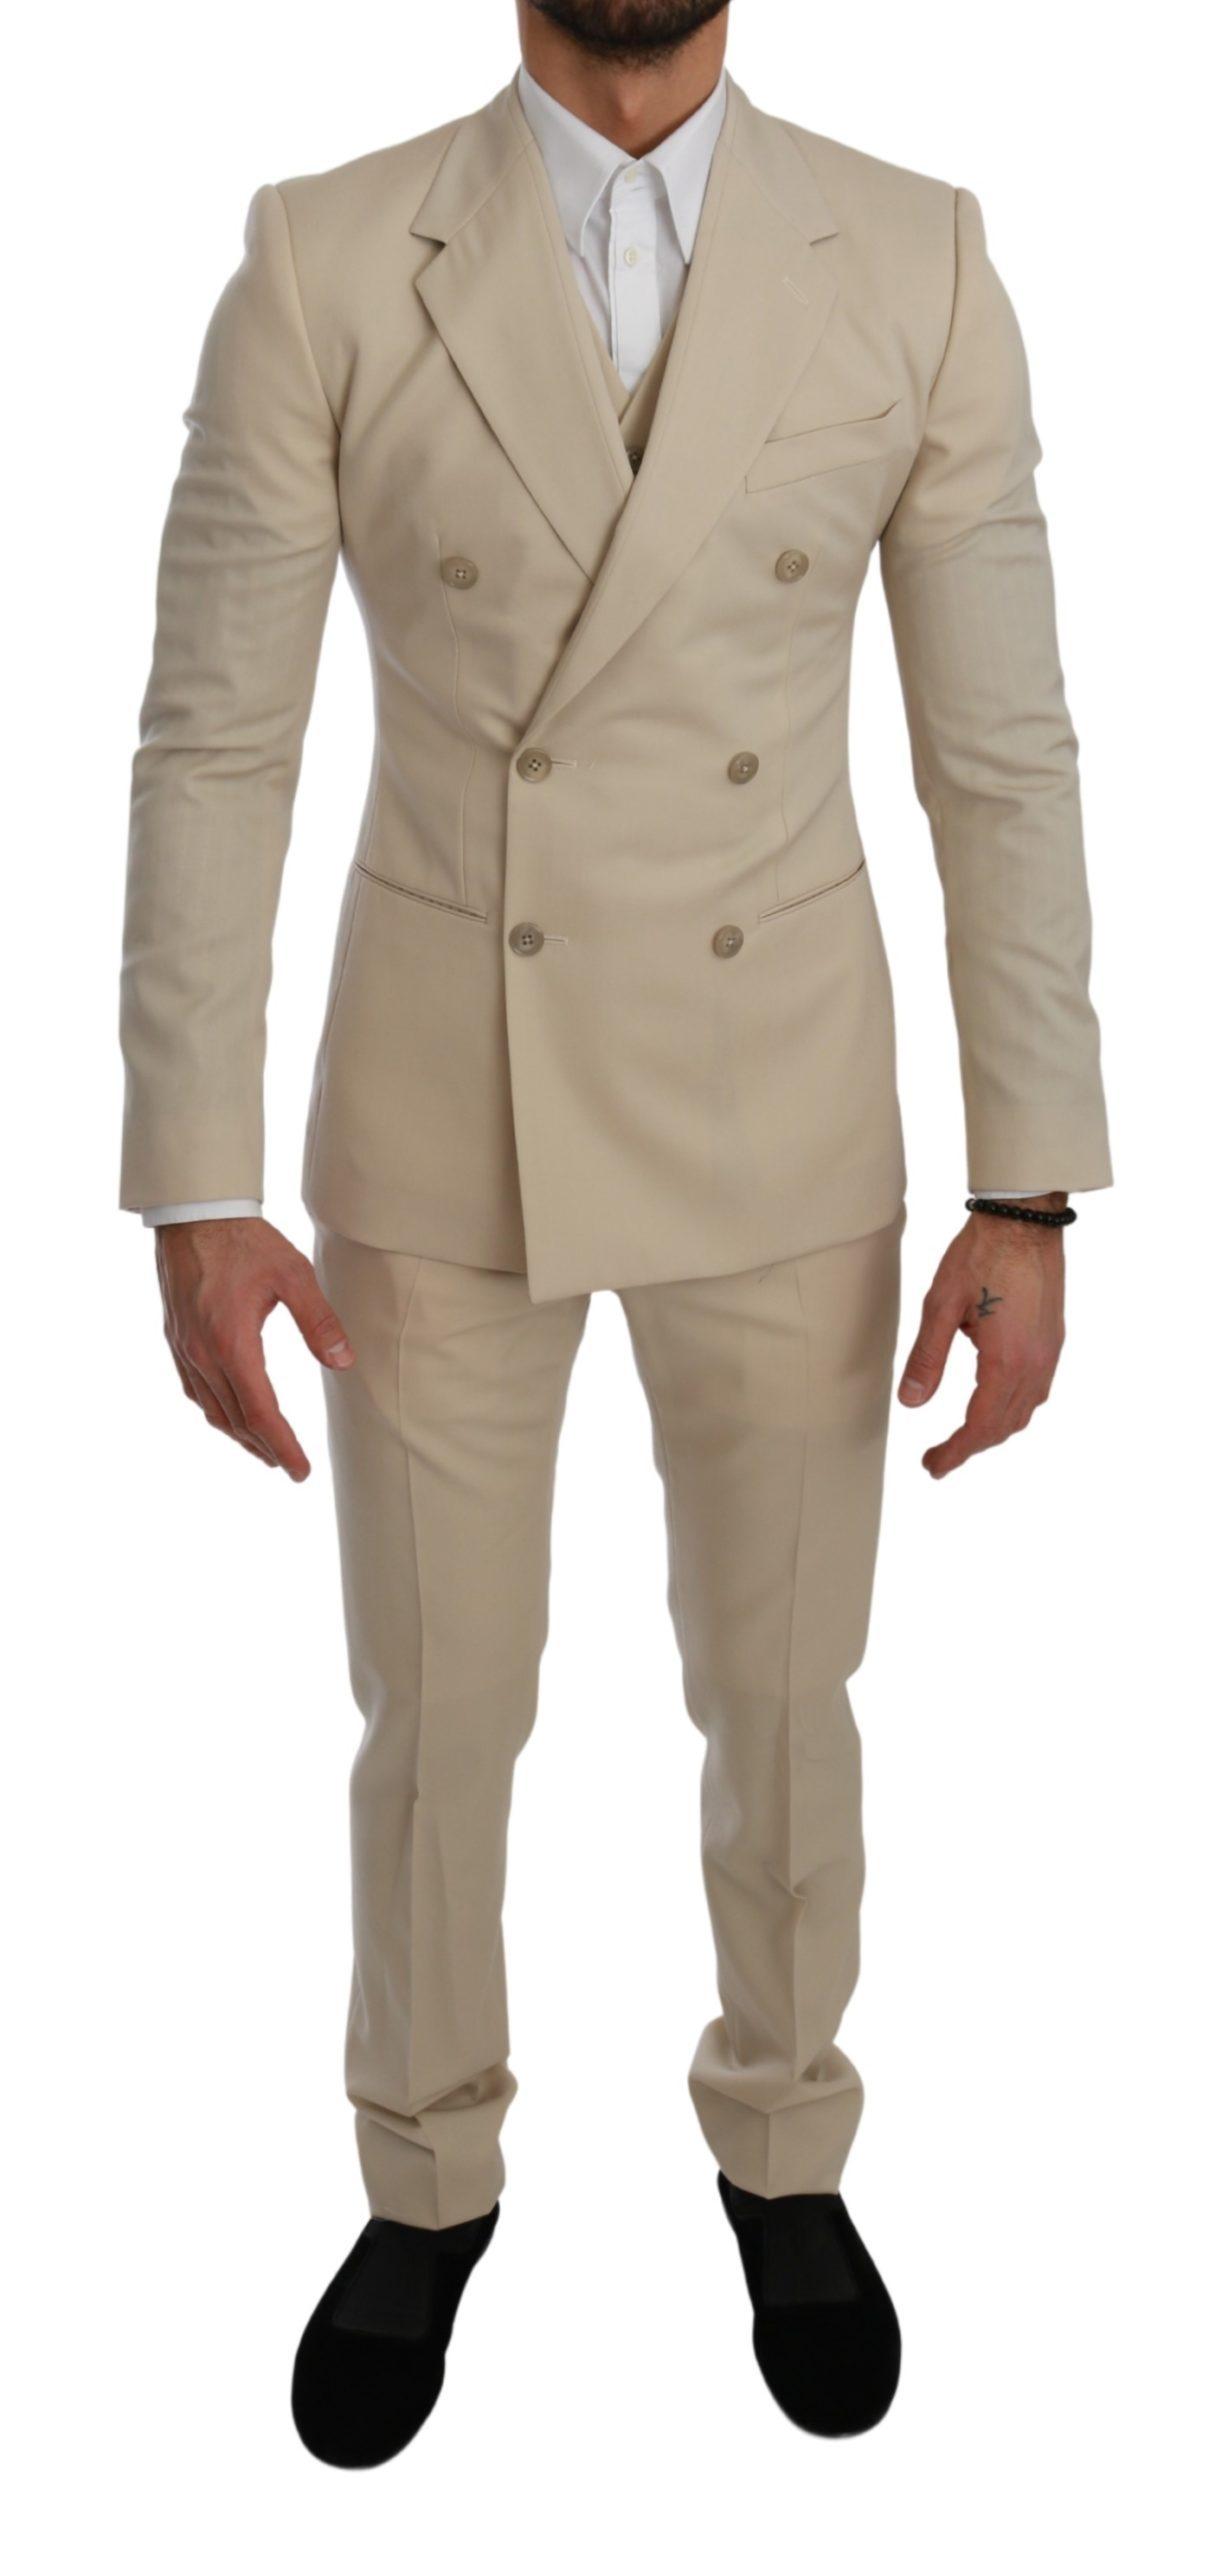 Dolce & Gabbana Men's Double Breasted 3 Piece Wool Suit Beige KOS1740 - IT44 | XS